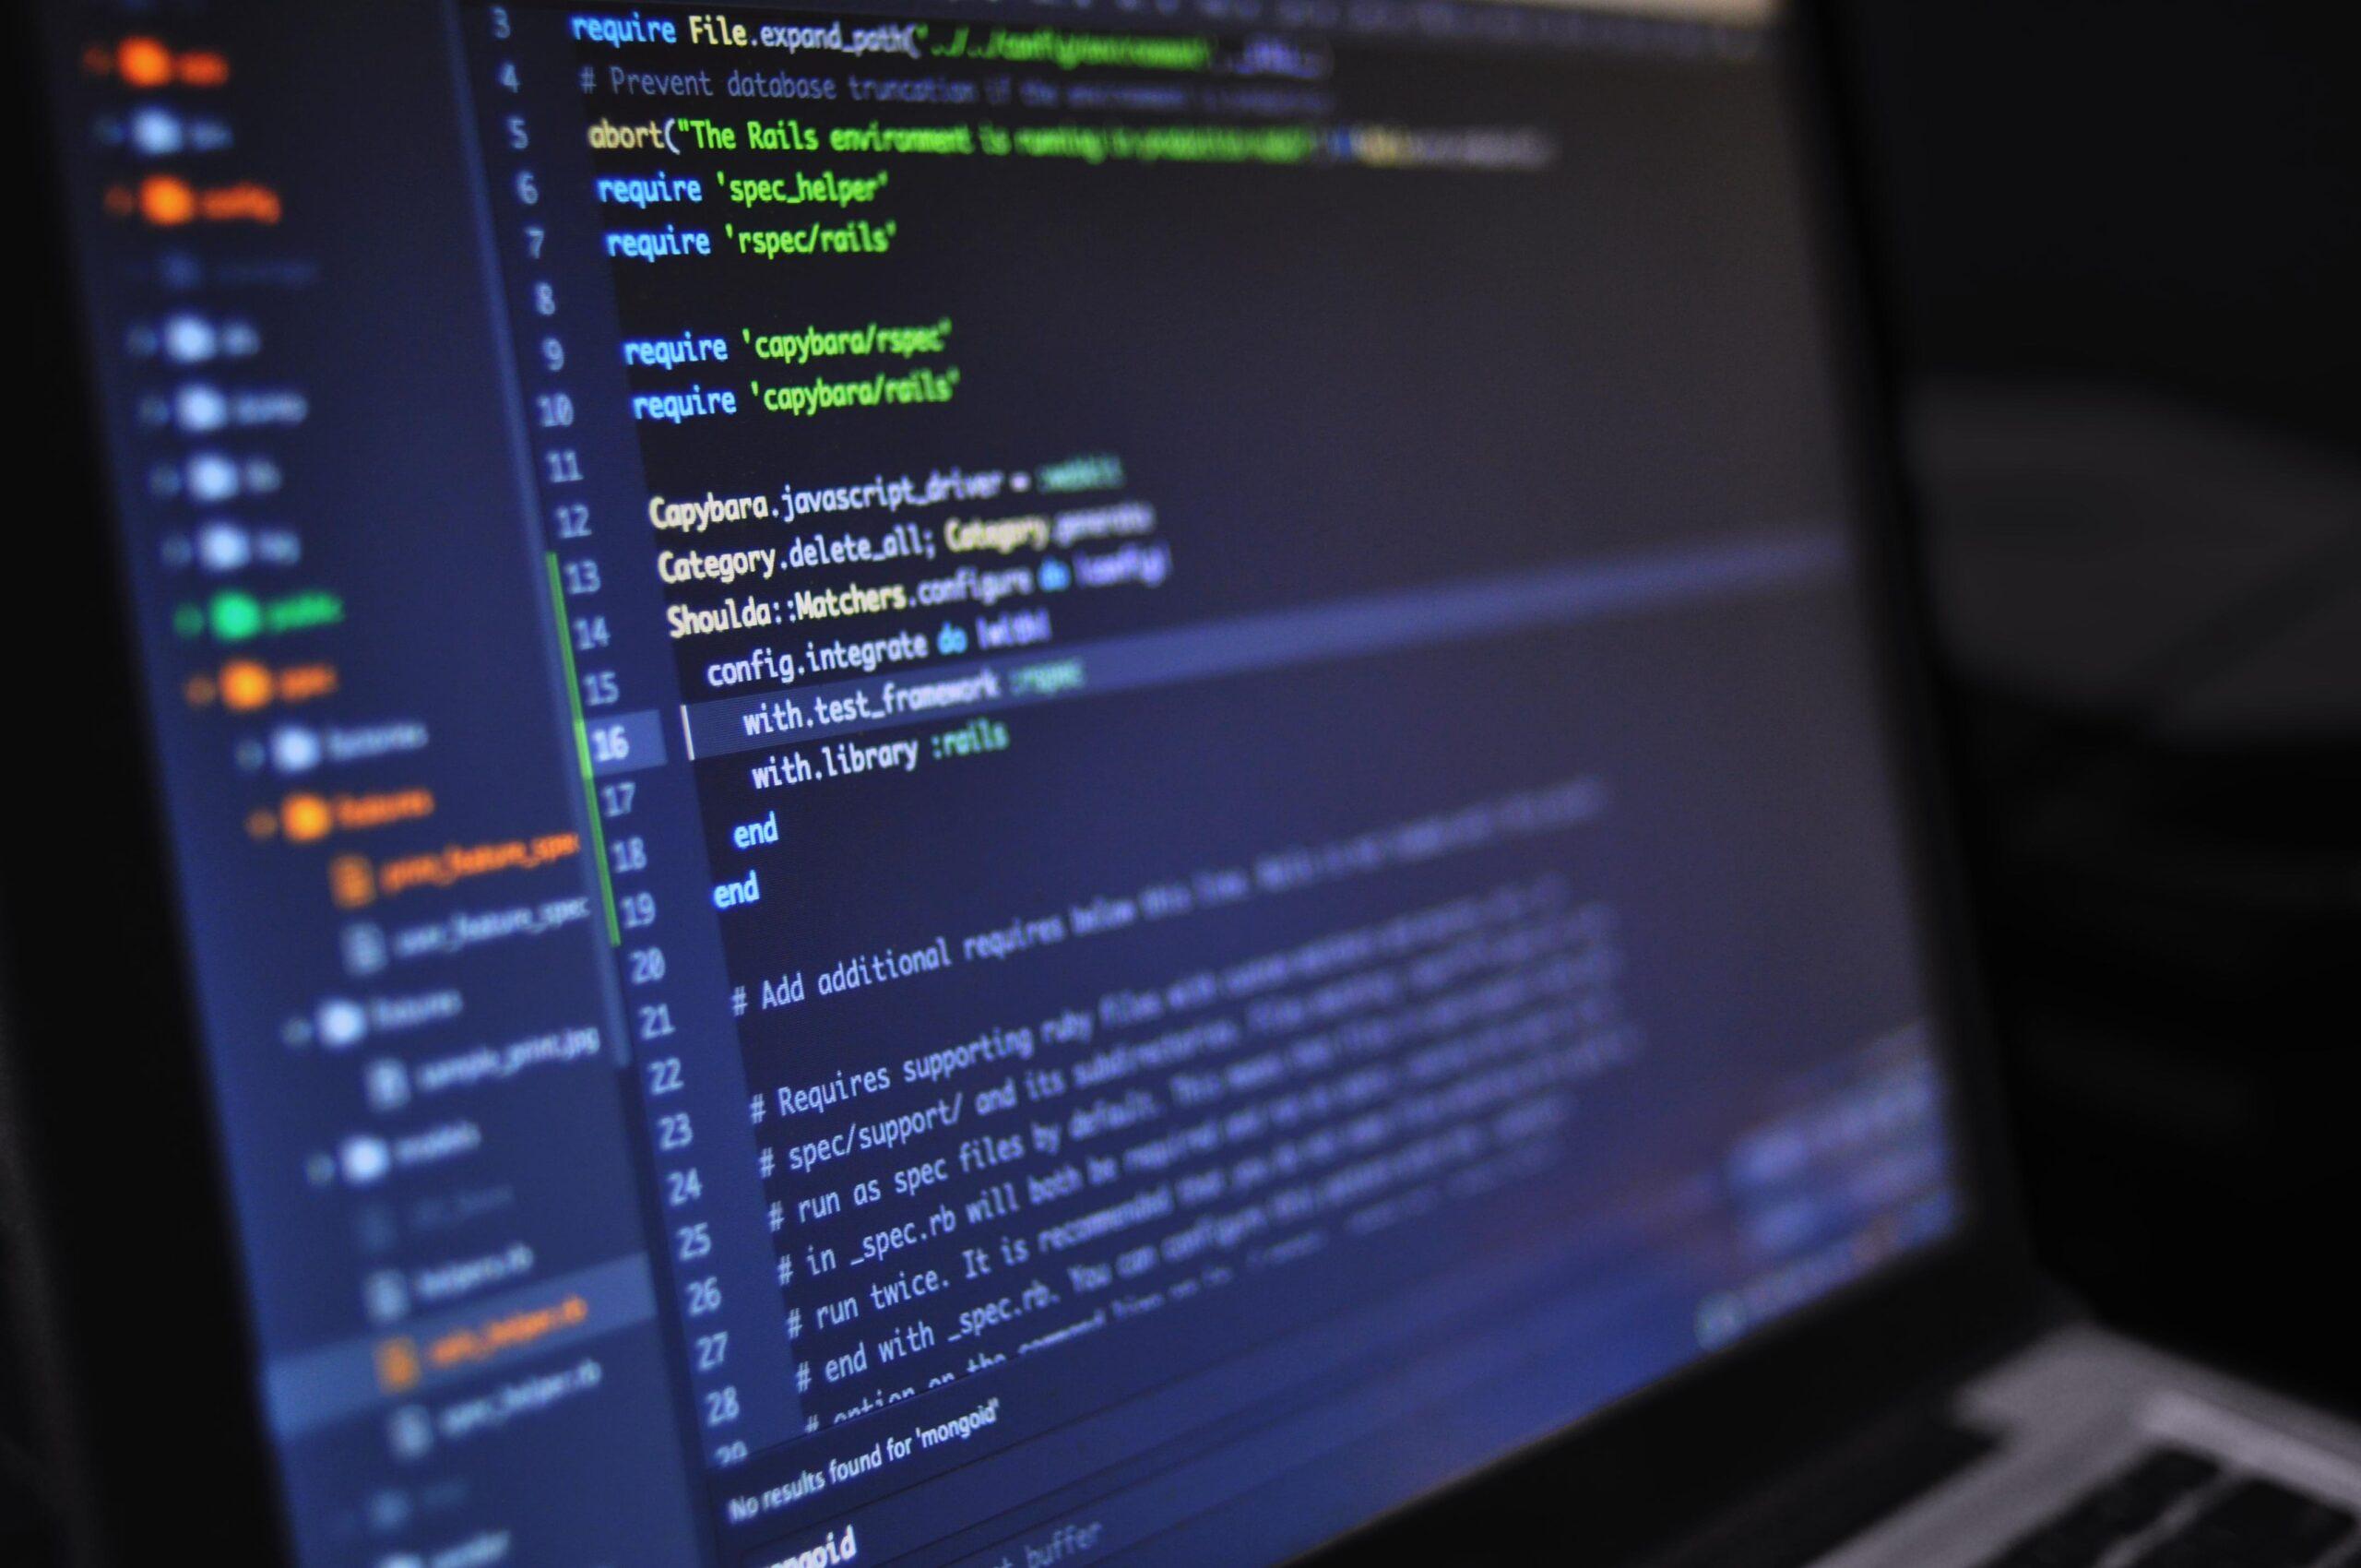 HCL Software lanserar sin cloud-native-, webb- och mobilversion av Domino Application Development Platform